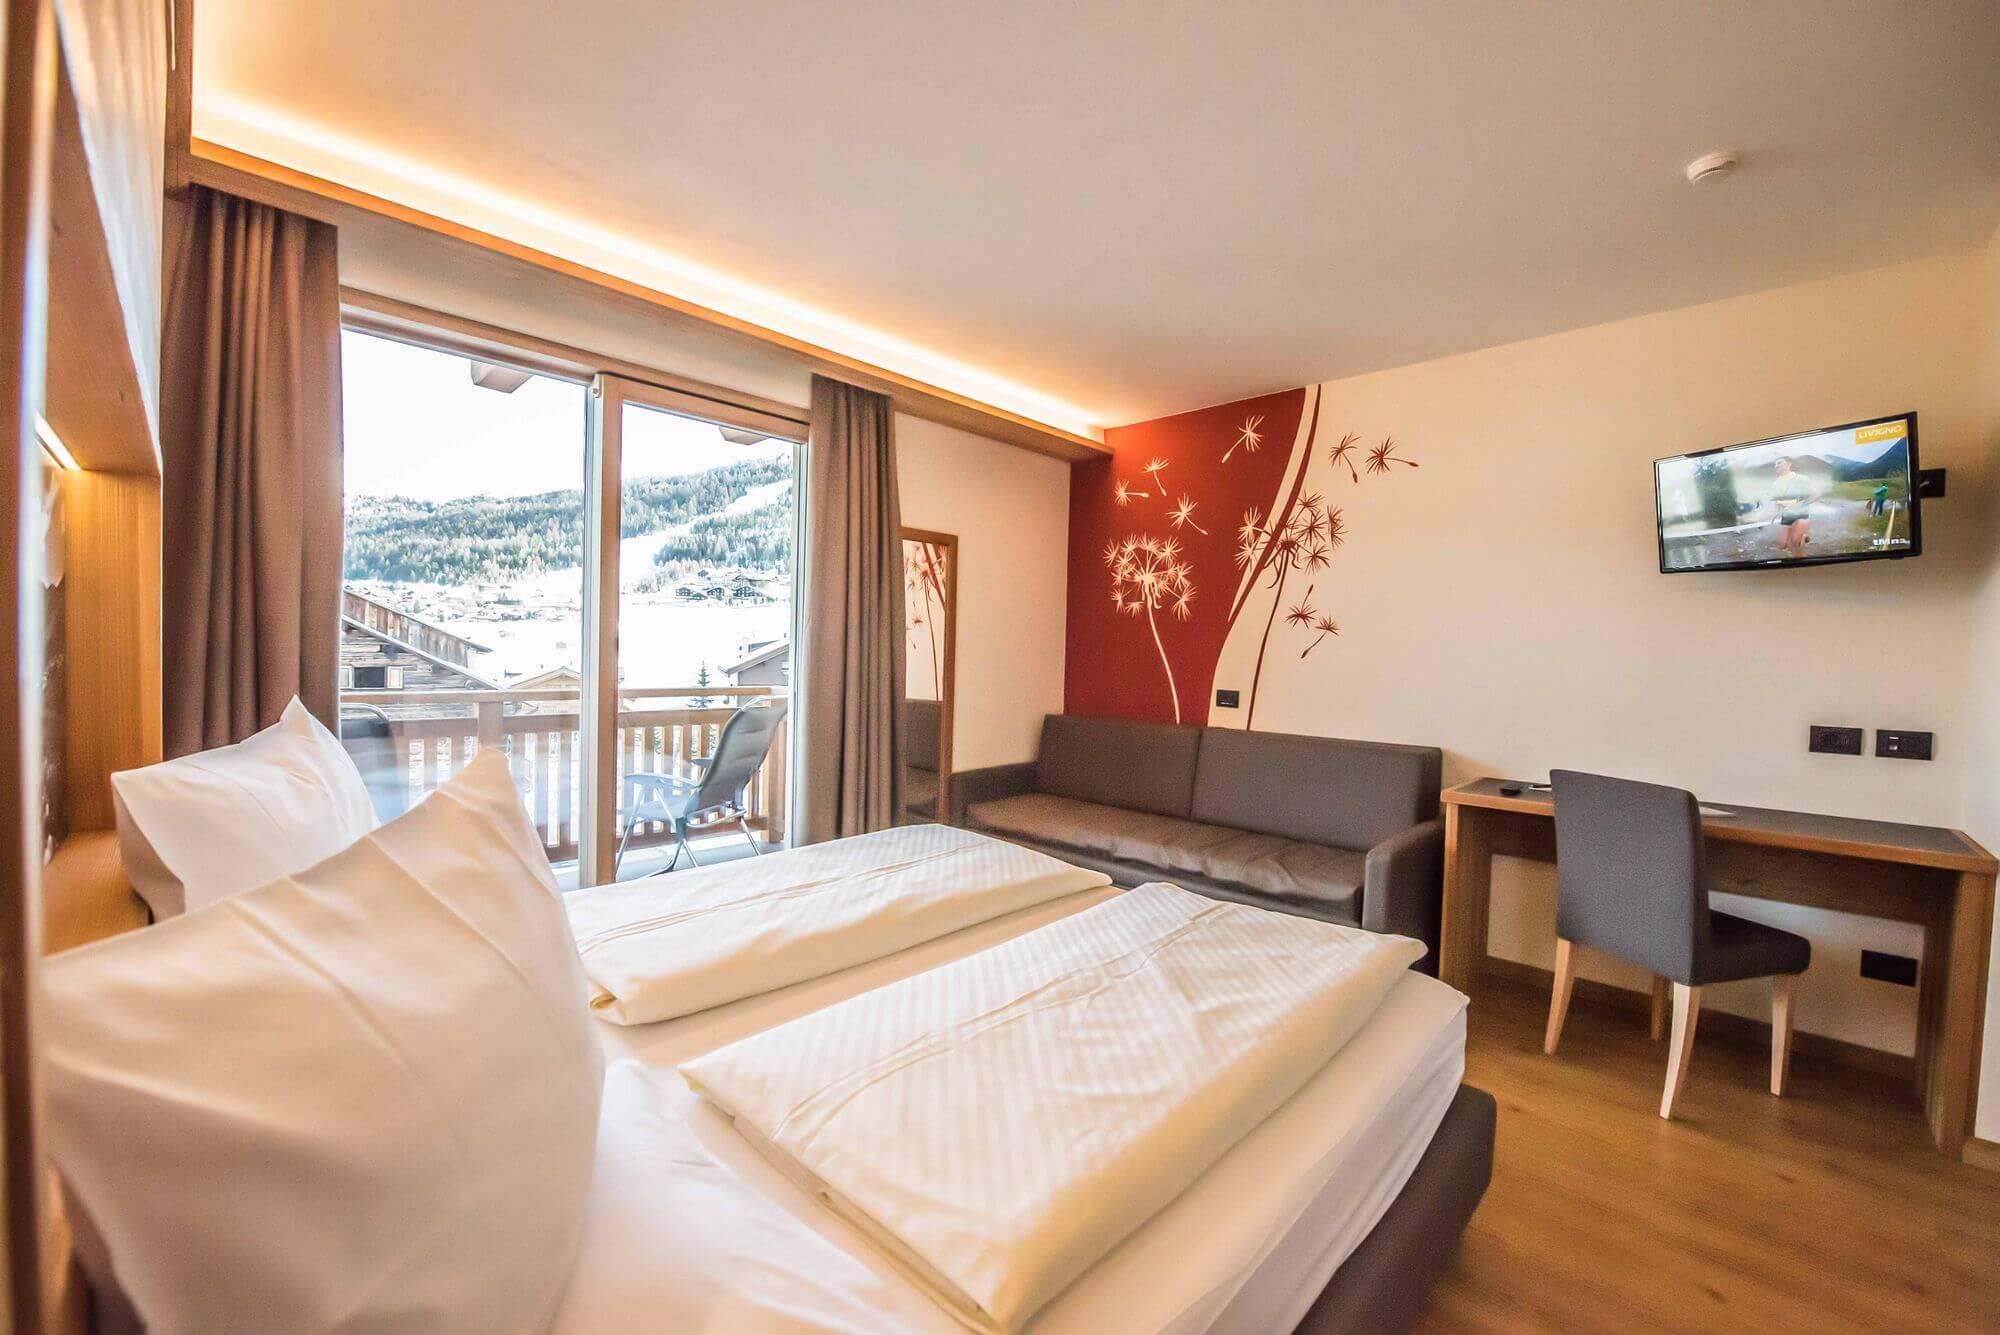 Comodo letto matrimoniale: Hotel Le Alpi a Livigno